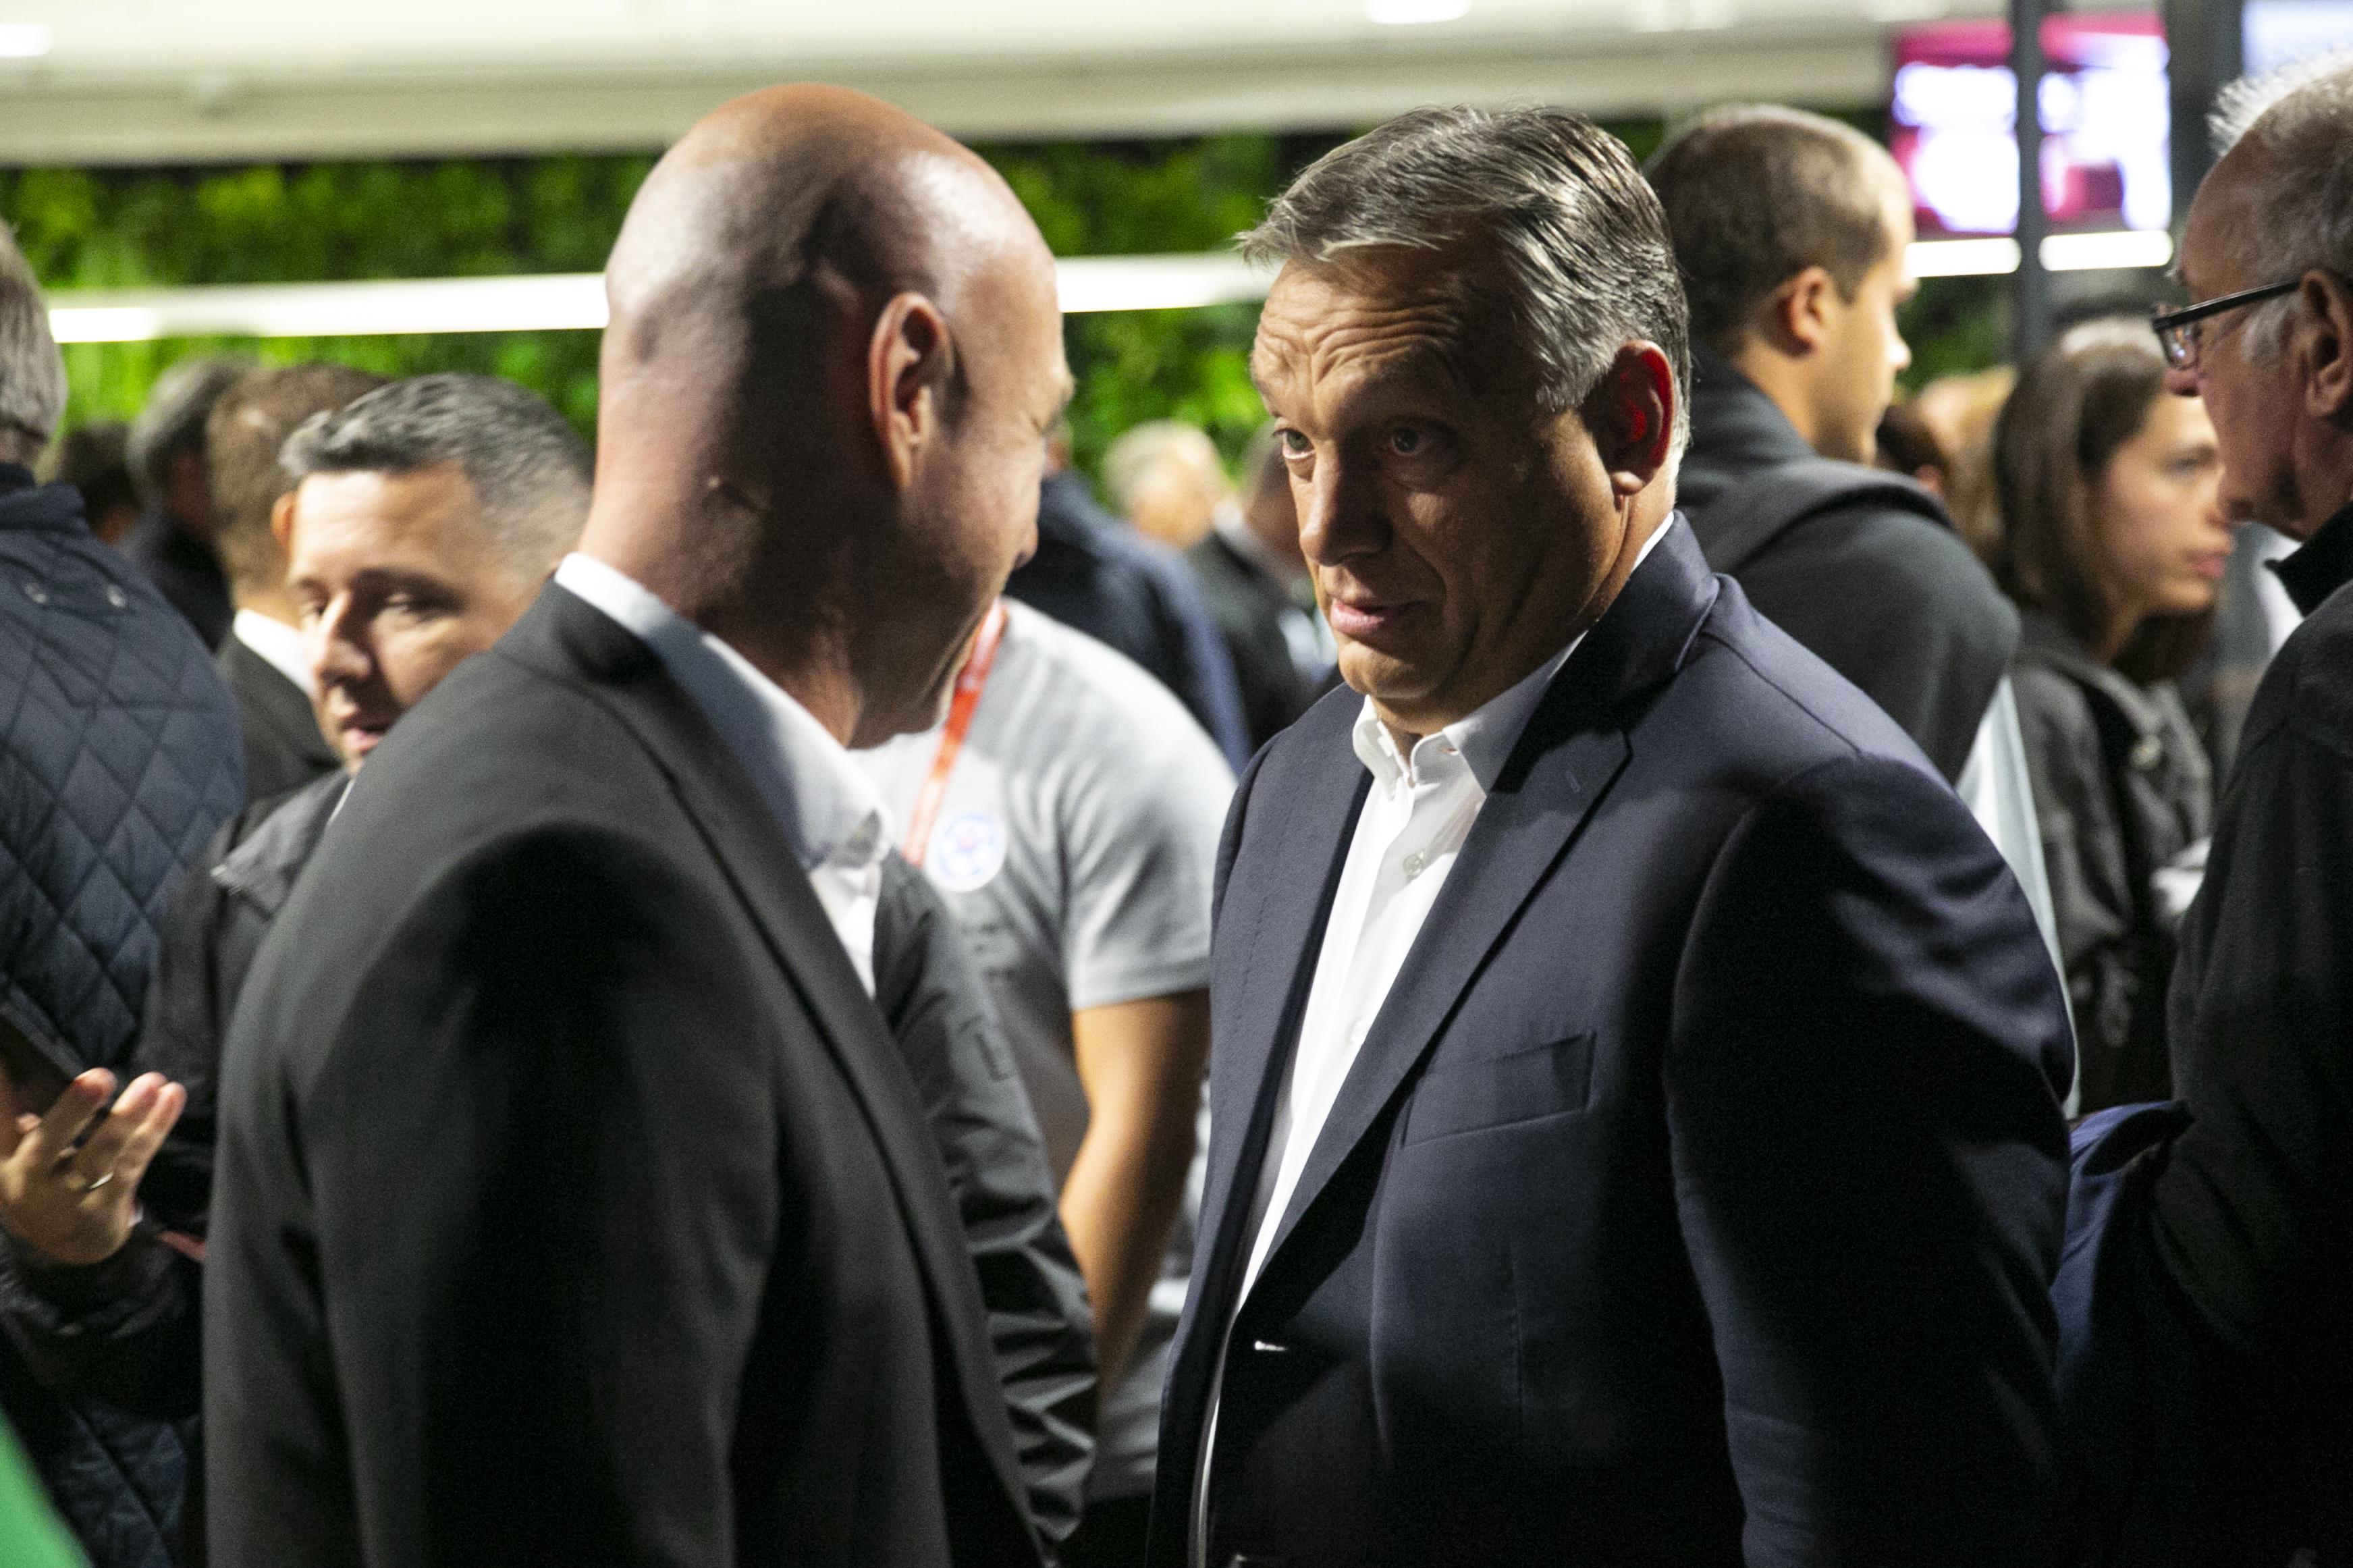 Kövér szerint nem lehet kérdezni Orbánt arról, hogy ki fizette a horvátországi nyaralását